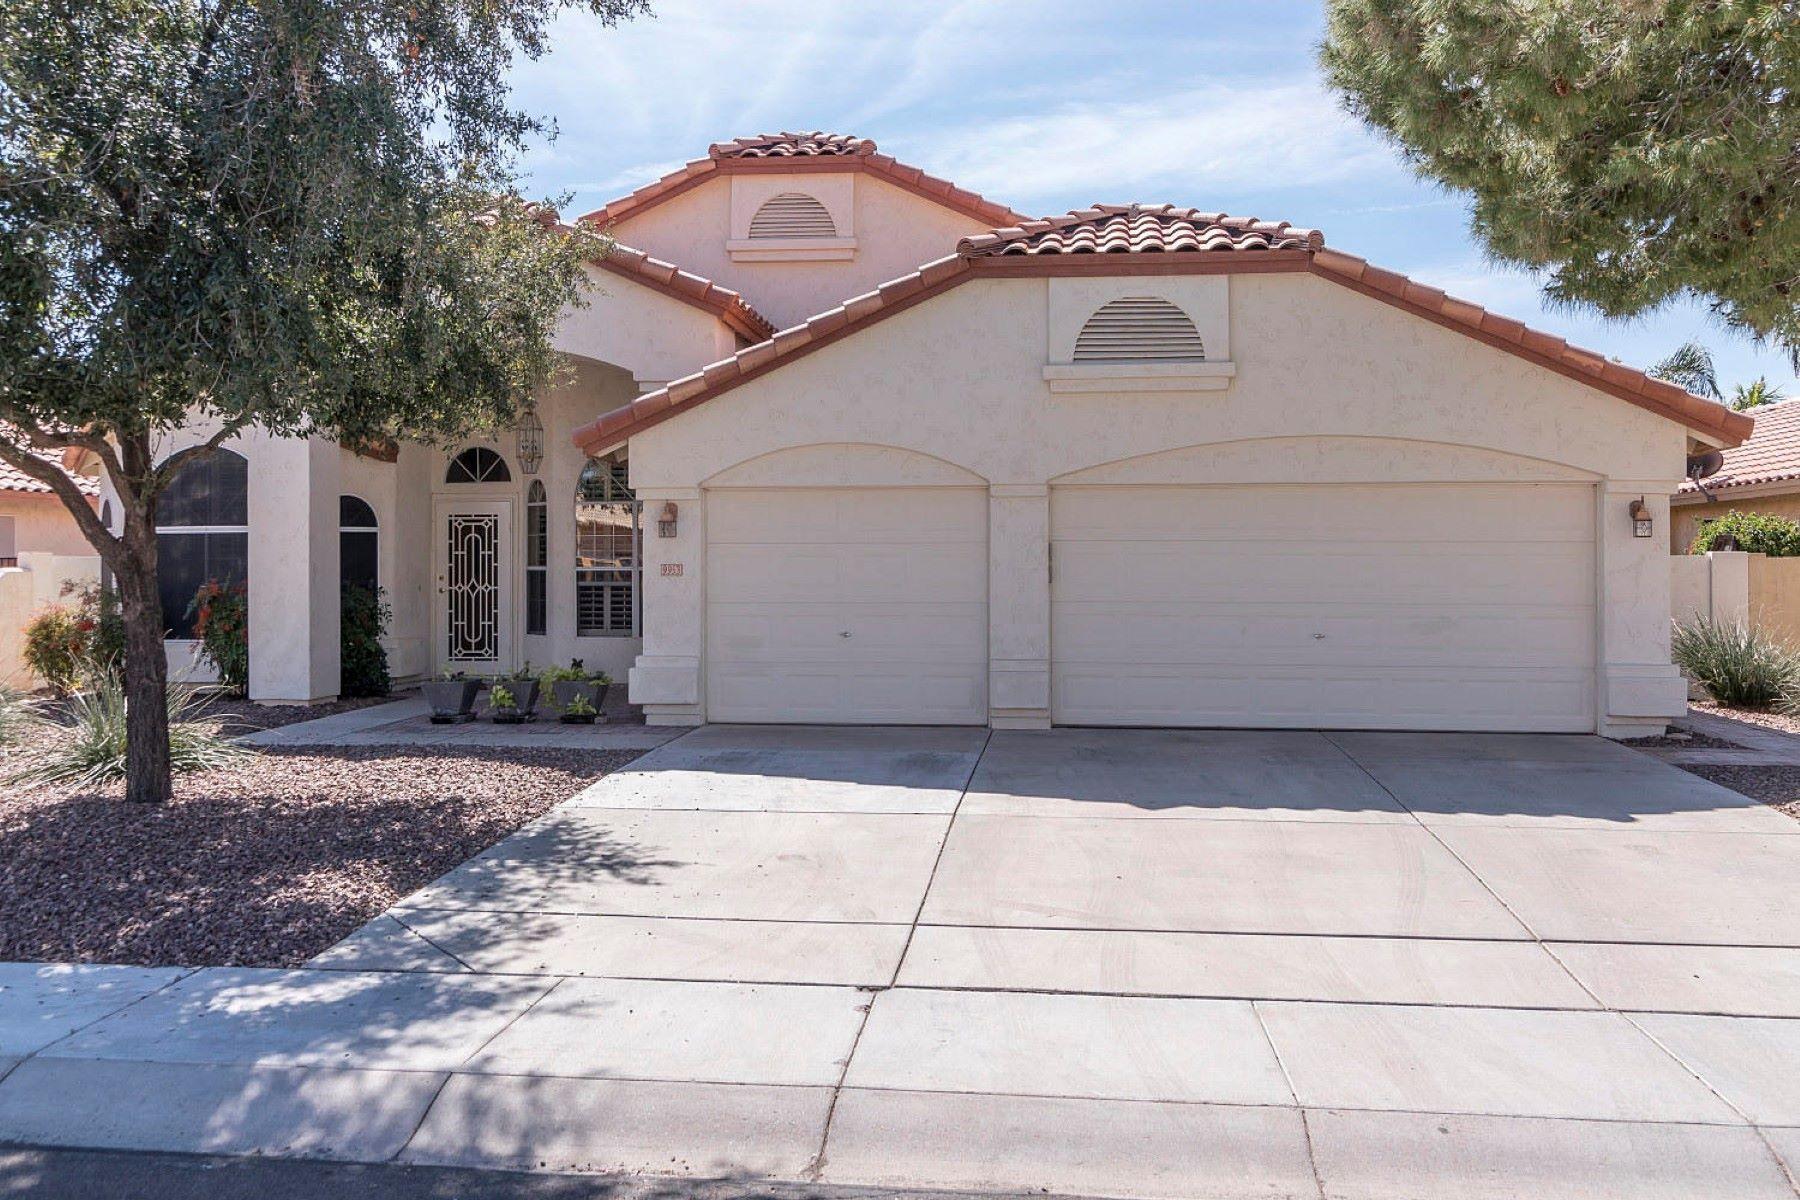 Maison unifamiliale pour l à vendre à Gorgeous Quality Home in Parkridge 9953 W Tonopah Dr, Peoria, Arizona, 85382 États-Unis